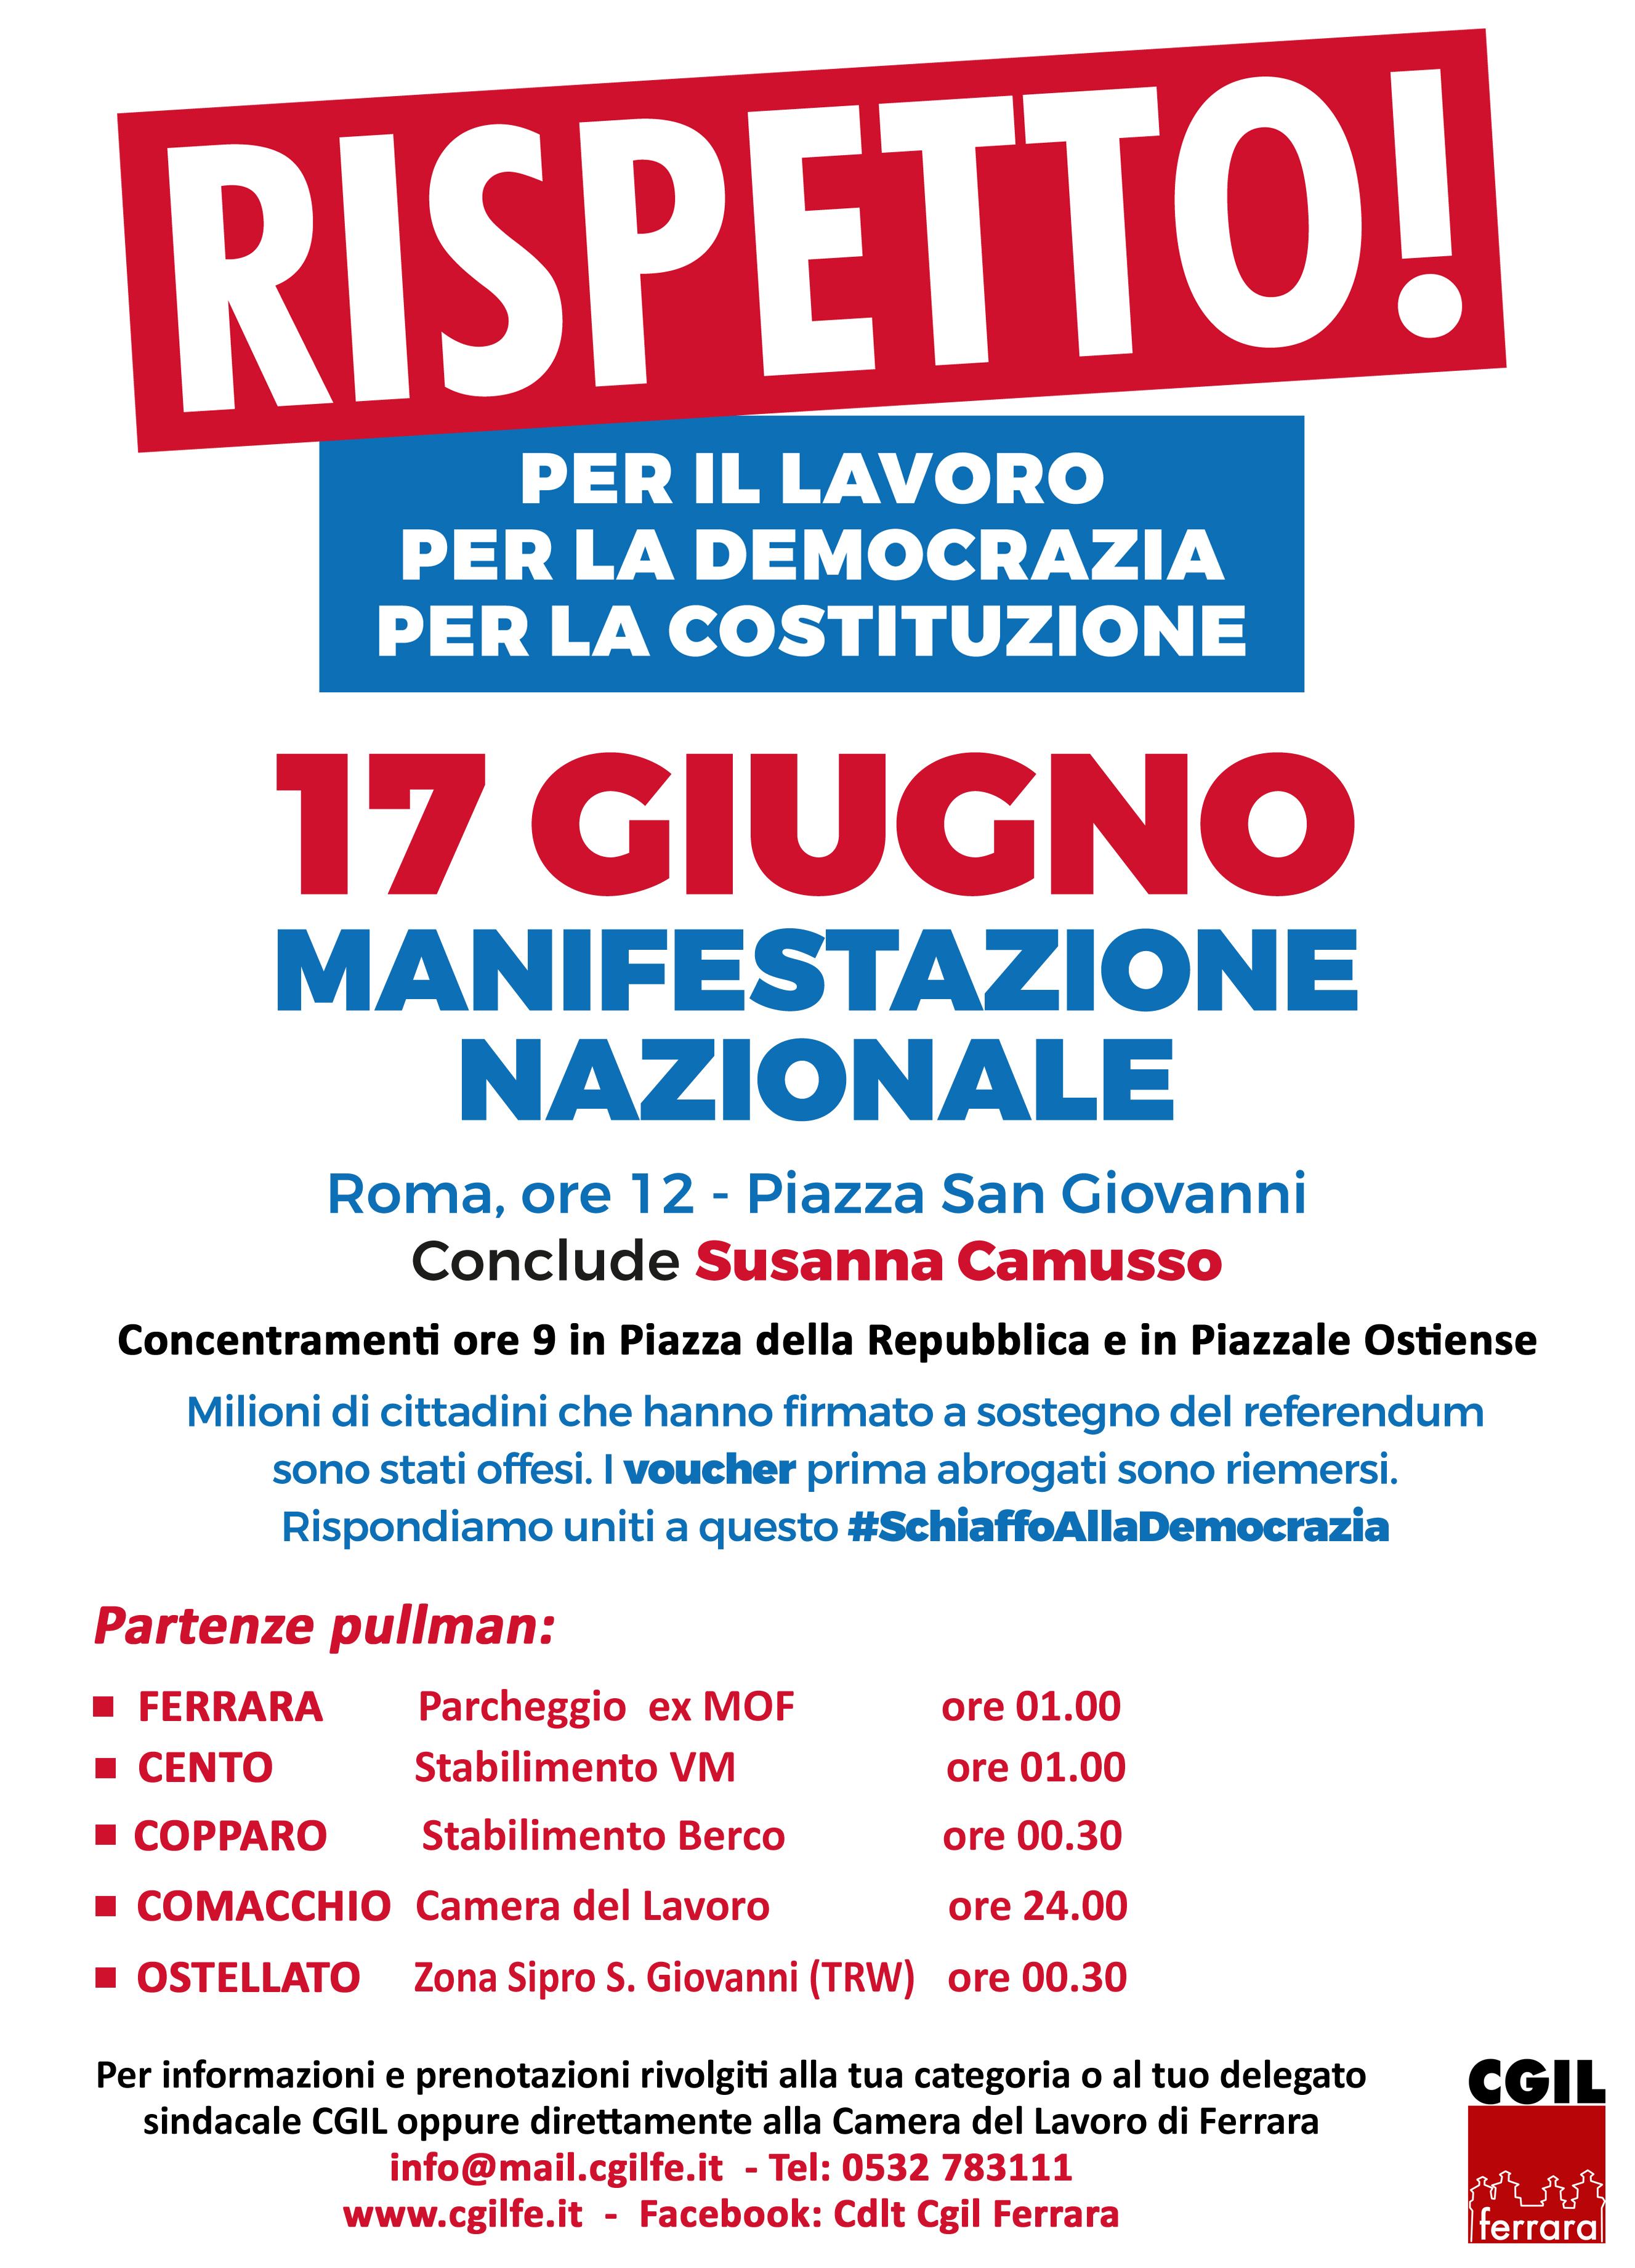 Sabato 17 giugno grande manifestazione a Roma per il lavoro e la democrazia